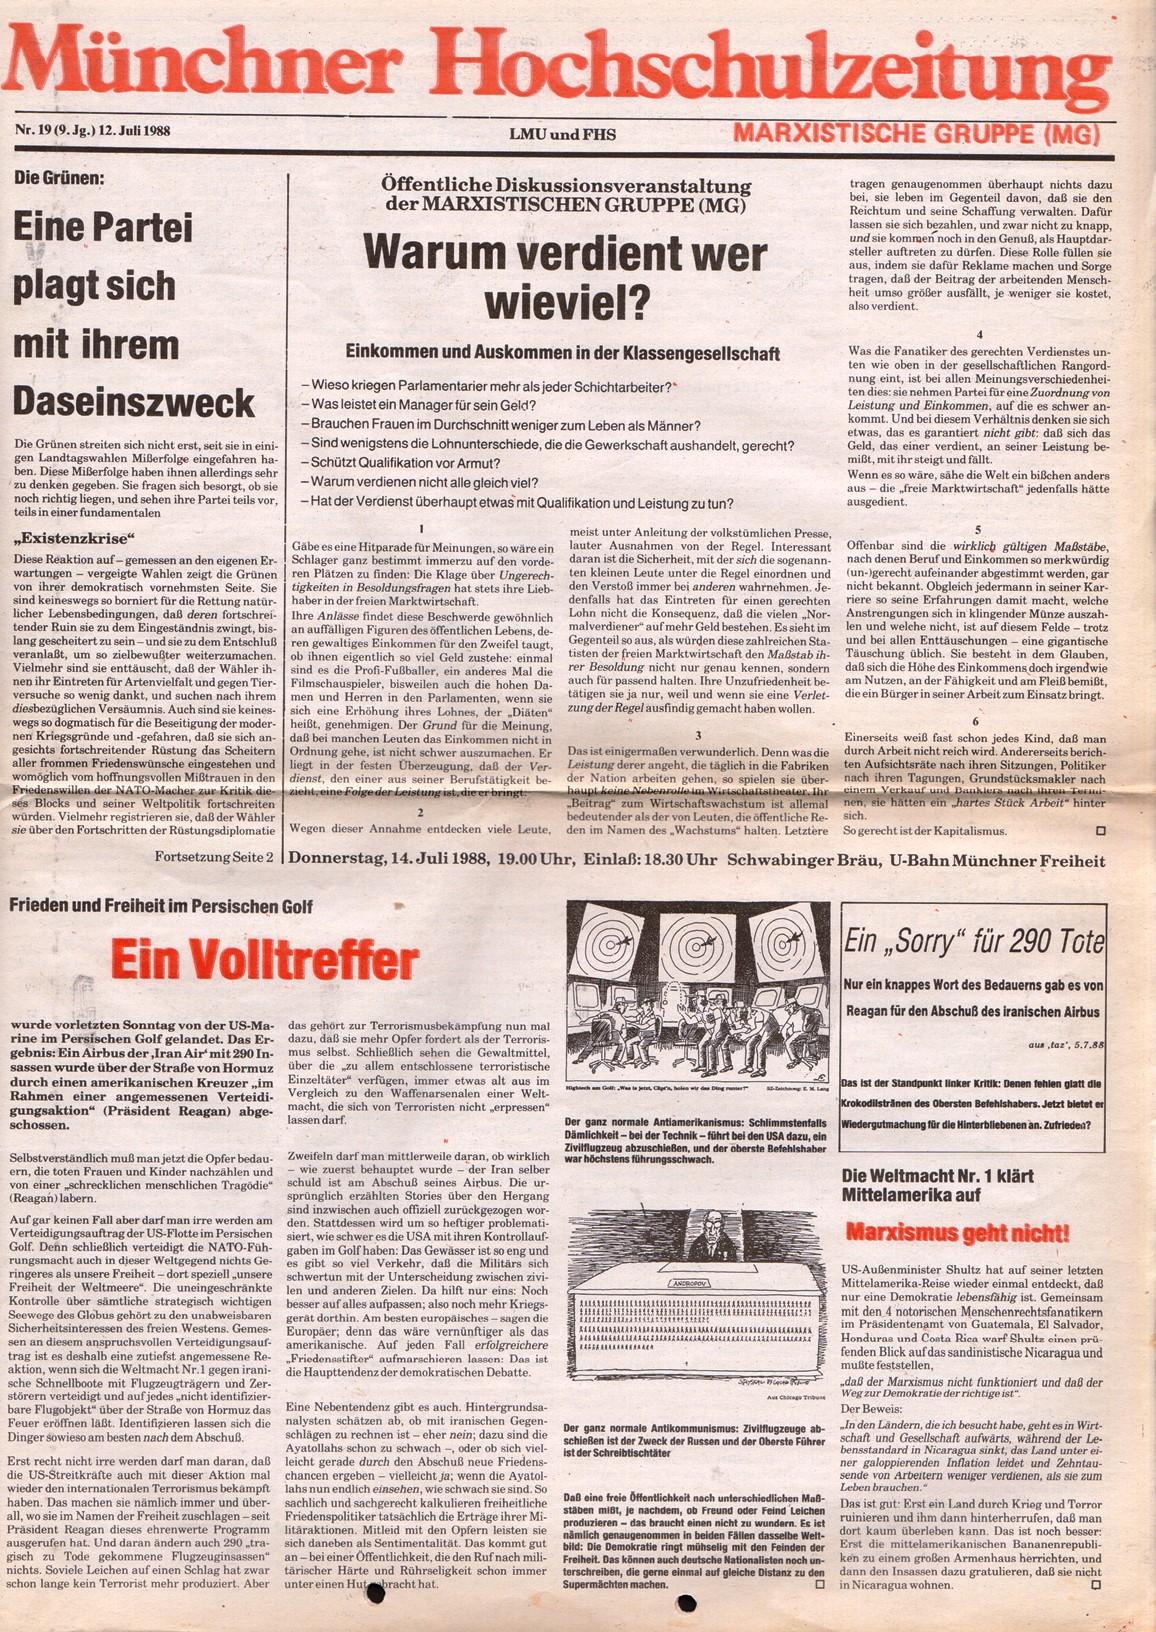 Muenchen_MG_Hochschulzeitung_19880712_01